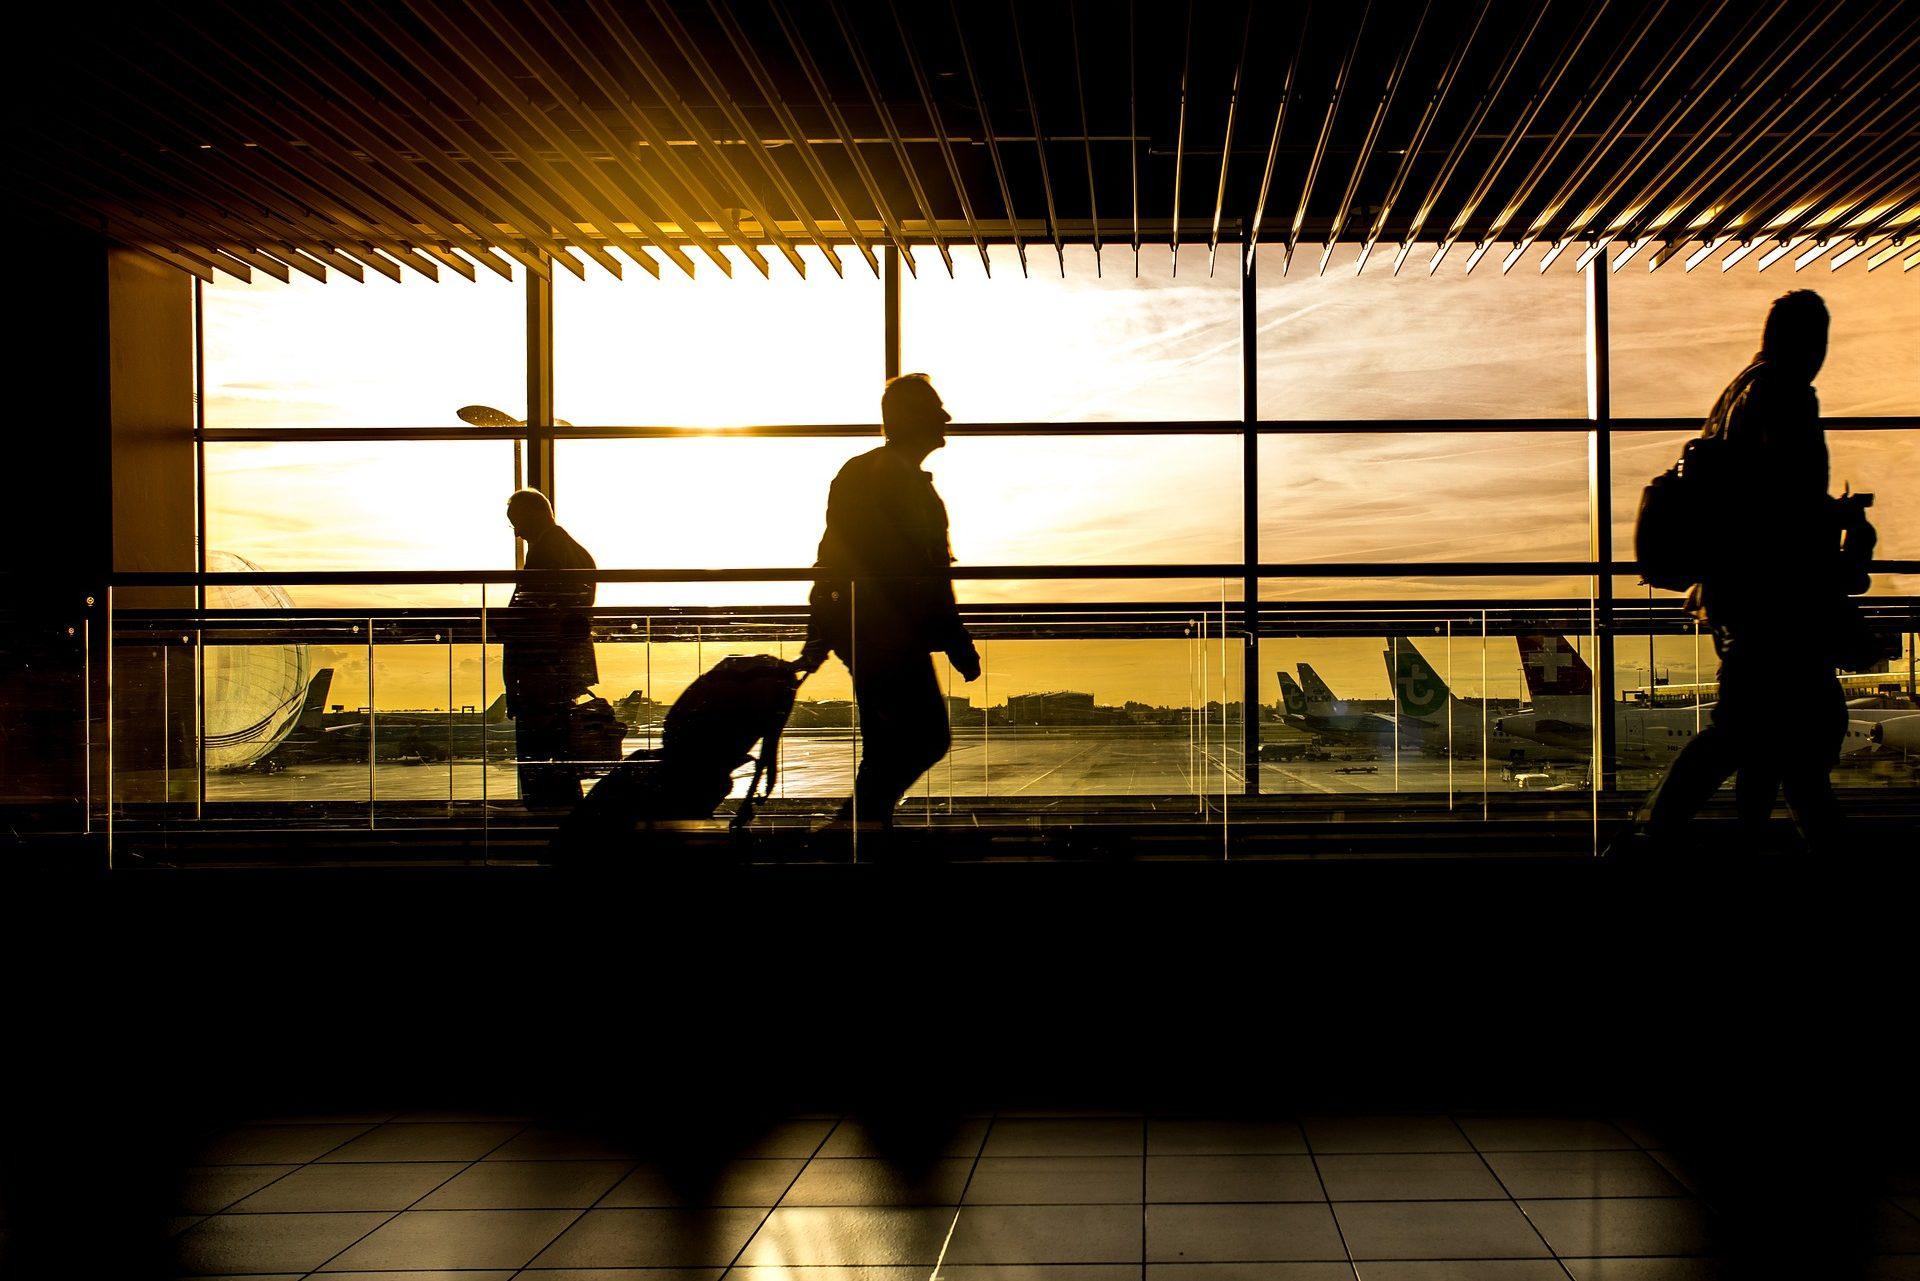 Aus der Praxis – Reisezeit & Reisekosten clever mit dem Kunden abrechnen